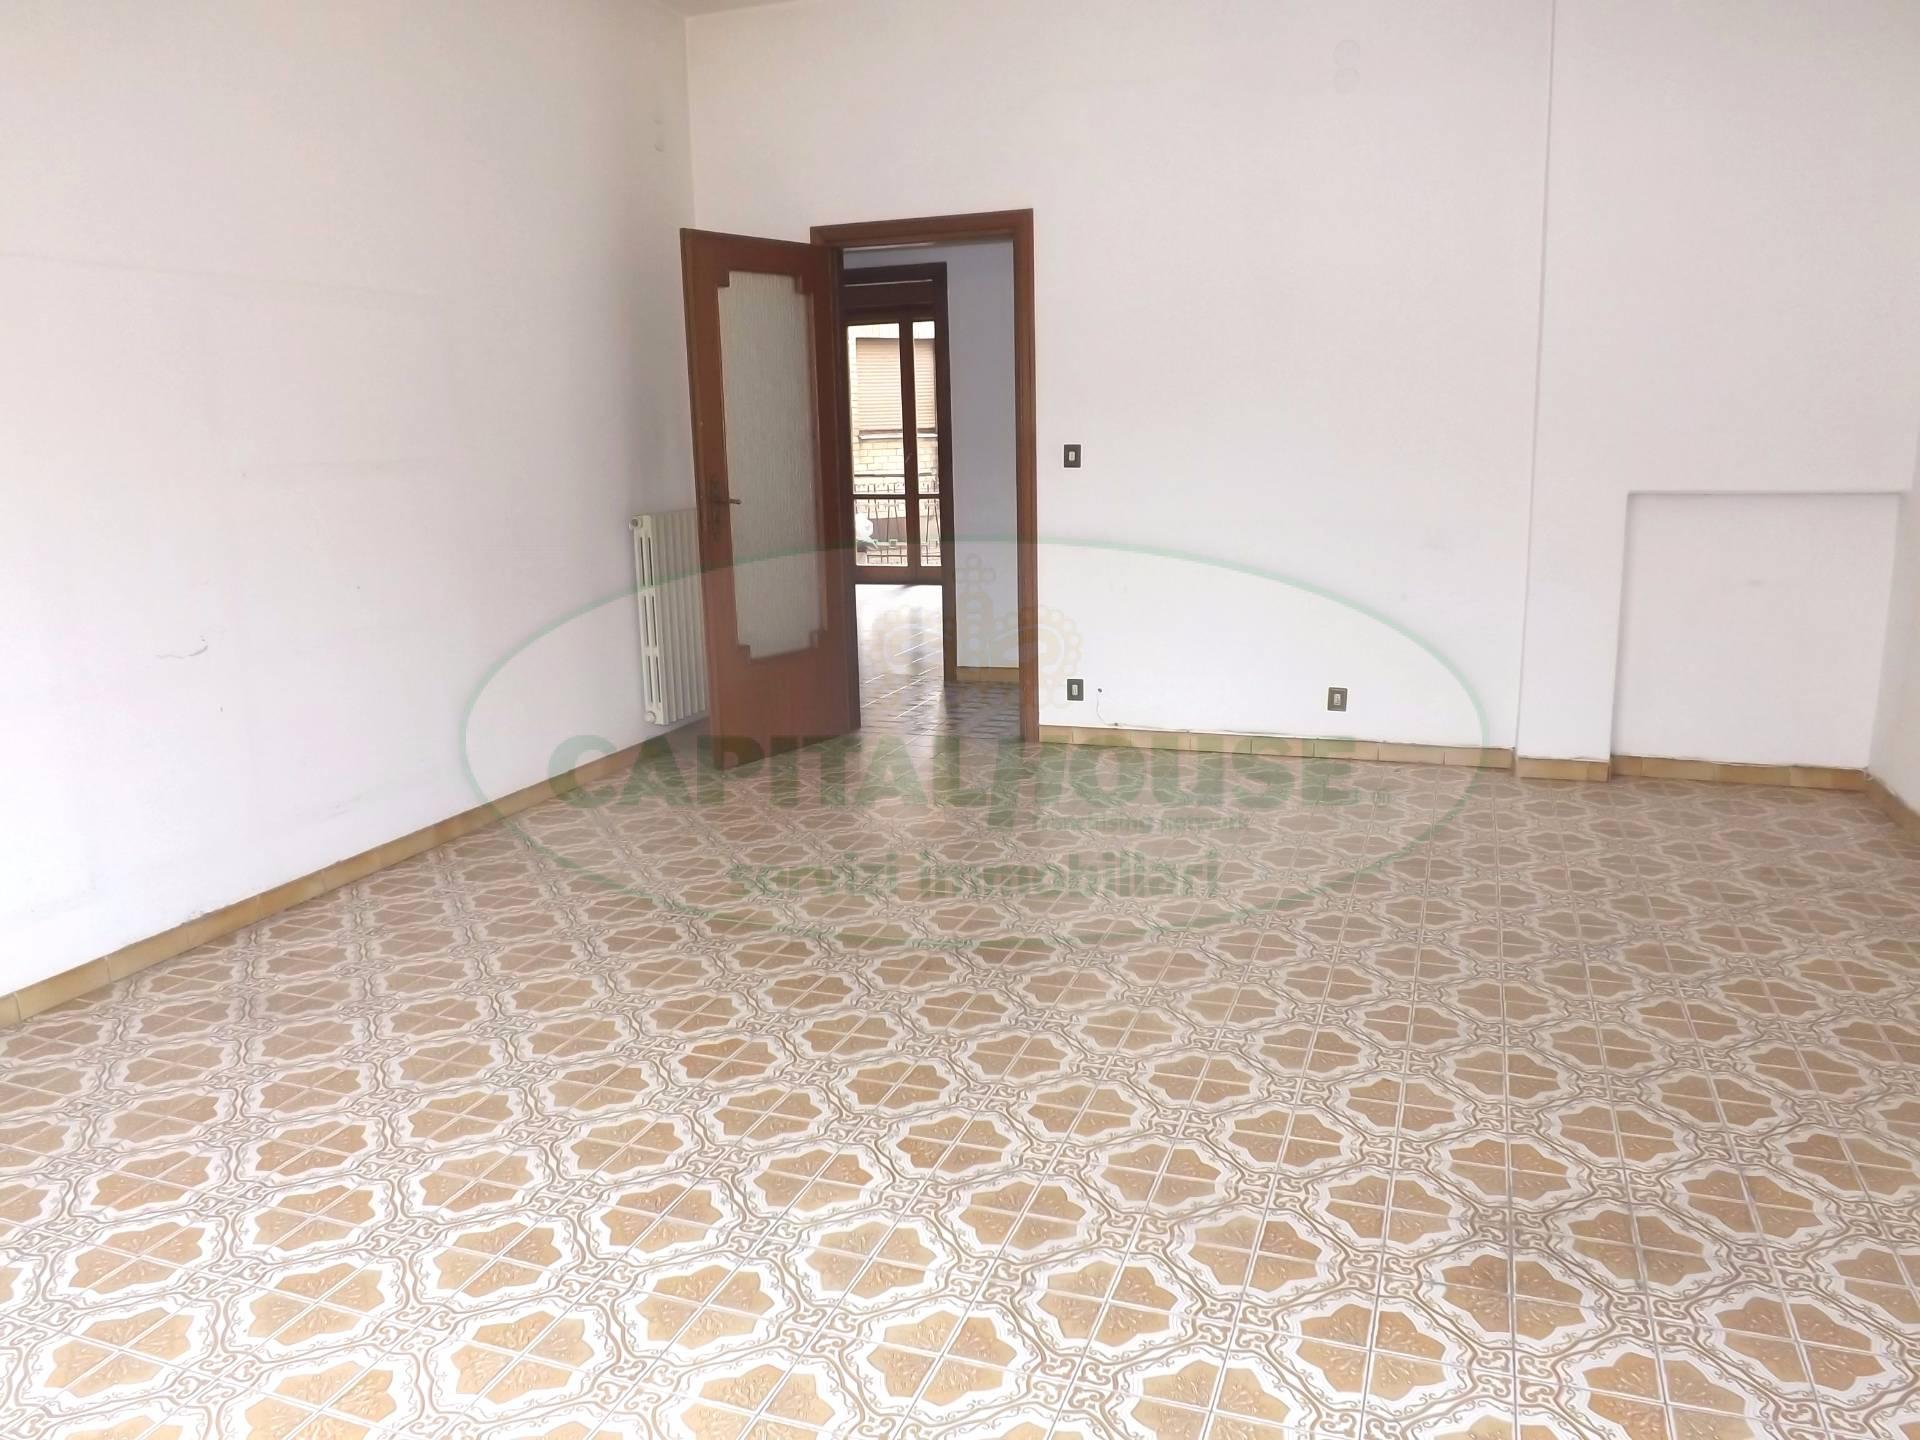 Appartamento in vendita a Atripalda, 3 locali, prezzo € 115.000 | Cambio Casa.it